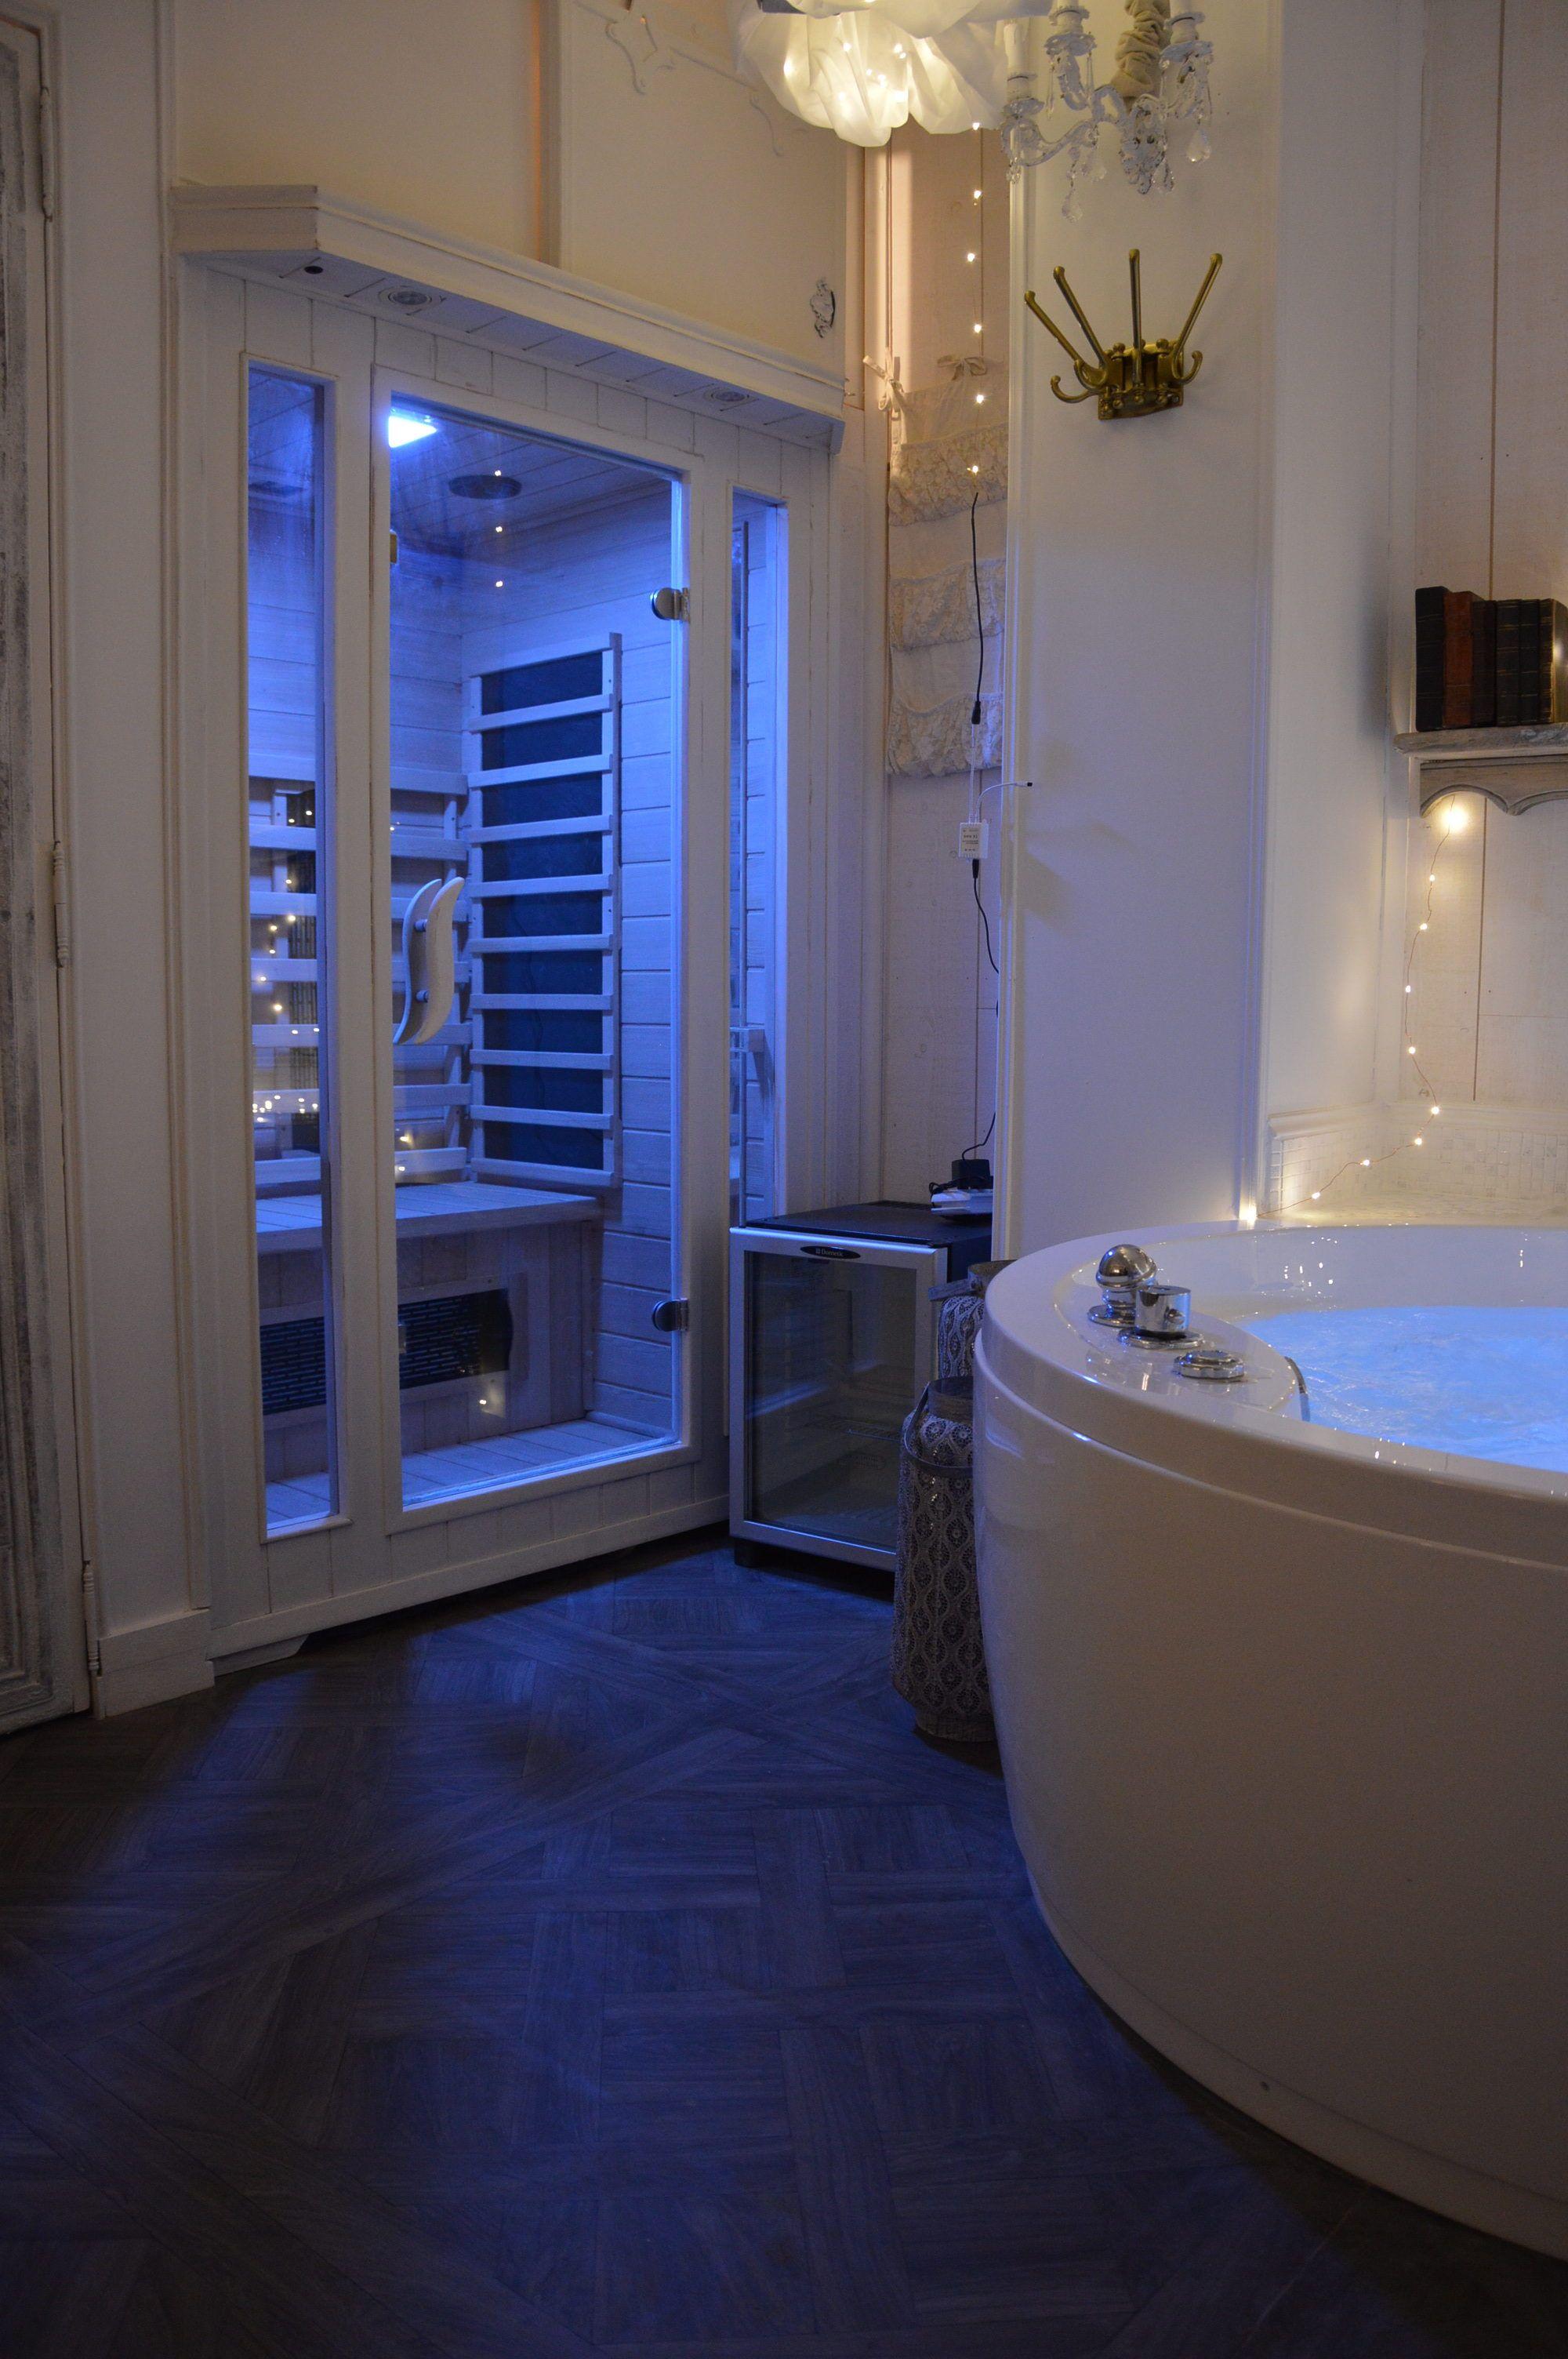 Chambre A Louer A La Nuit Dans Le Centre Historique D Aix En Provence Sauna Et Baignoire Balneo Jacuzzi Privatif Chambre A Louer Decoration Maison Shabby Chic